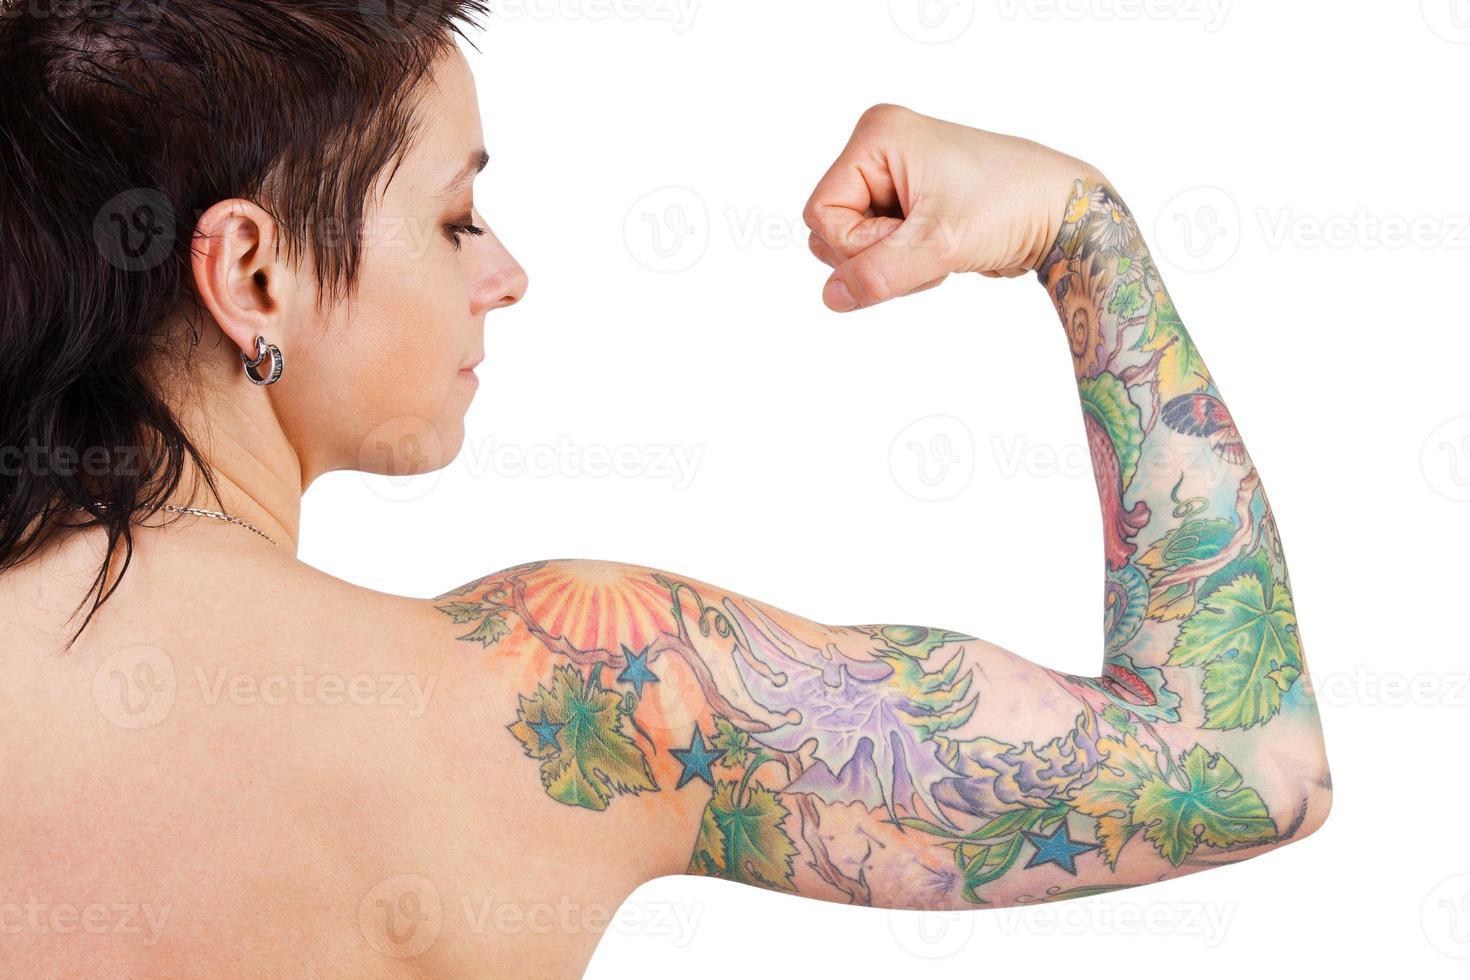 Frau mit einem Tattoo mit Bizeps foto